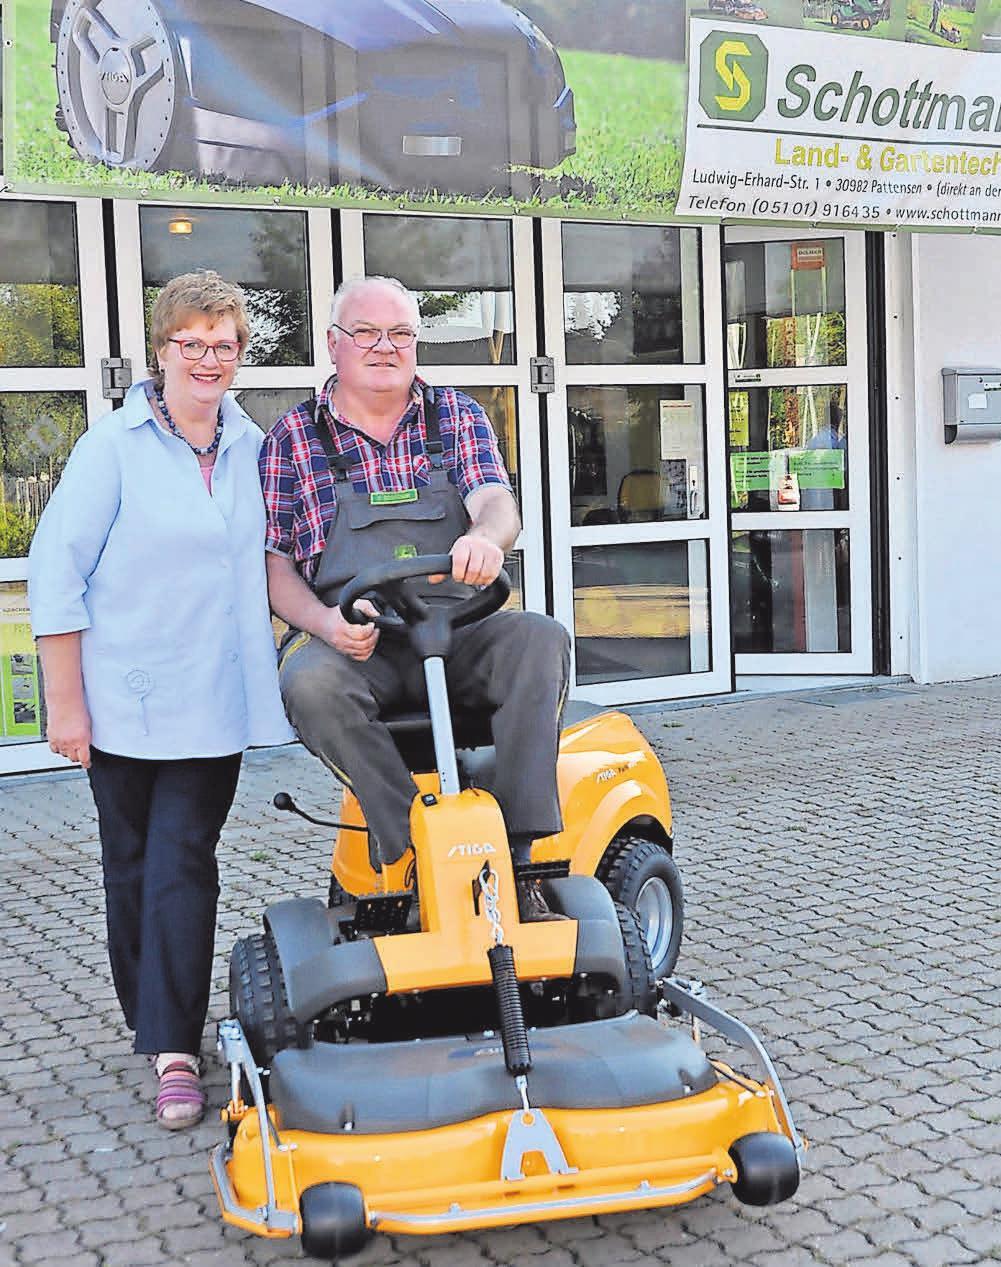 Heinfred und Ulrike Schottmann führen seit 38 Jahren das Unternehmen in Pattensen. Foto: Archiv